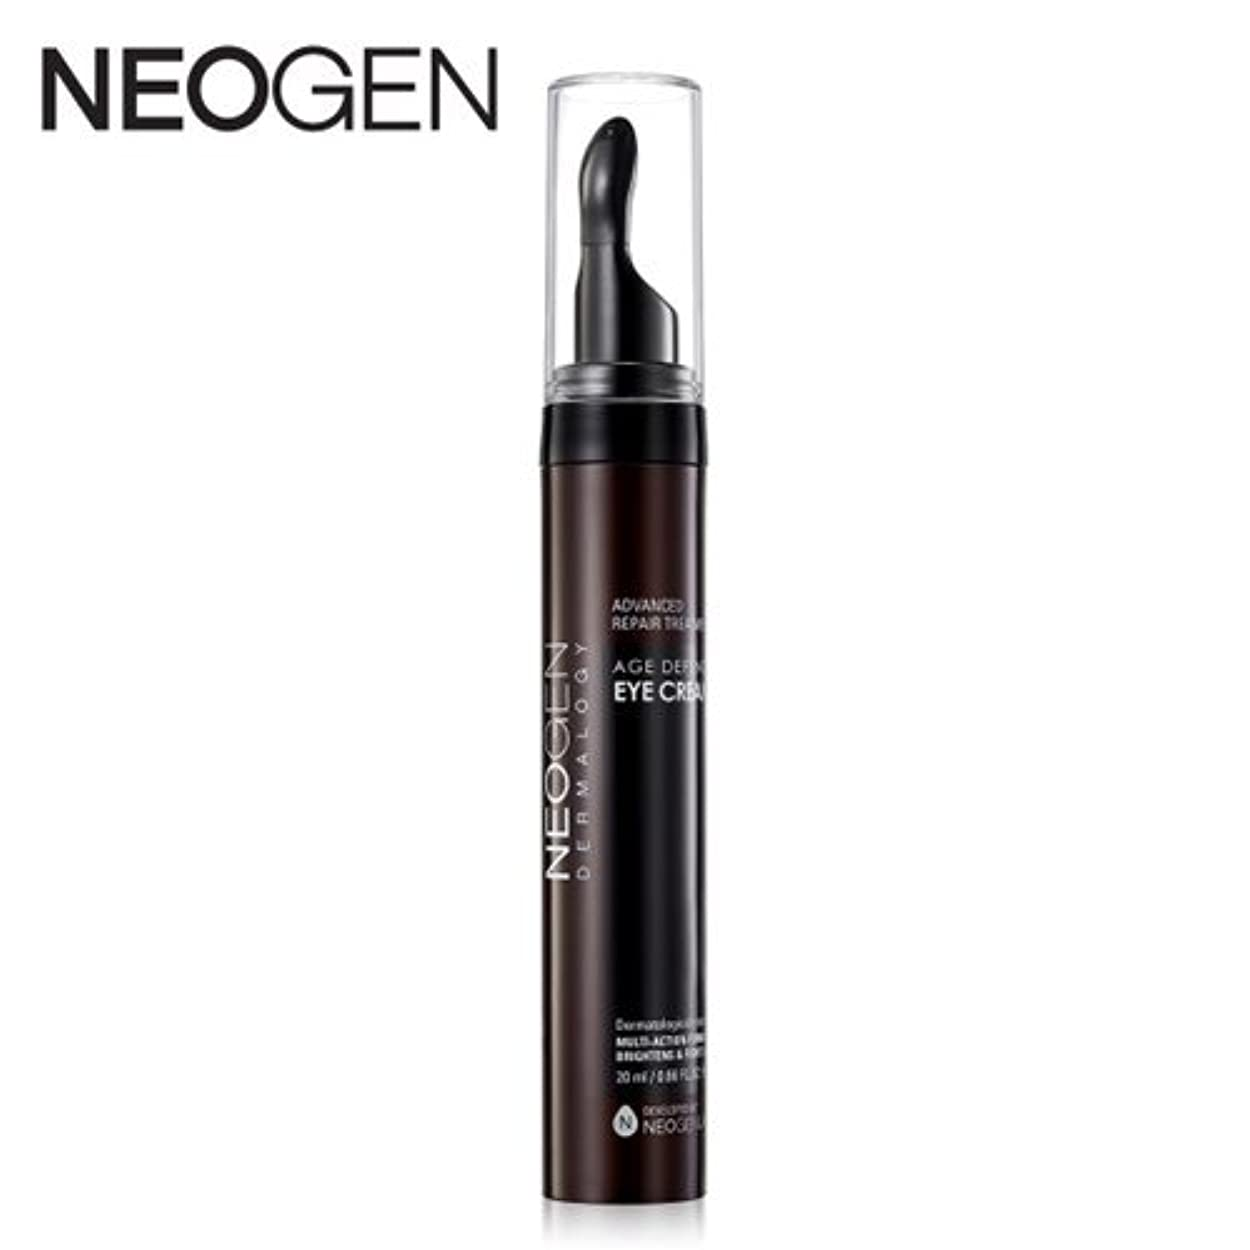 無心チョップパラシュート[OUTLET] NEOGEN Dermalogy Age Defence Eye Cream /ネオジェン ダーマロジーエイジディフェンスアイクリーム20ml [並行輸入品]